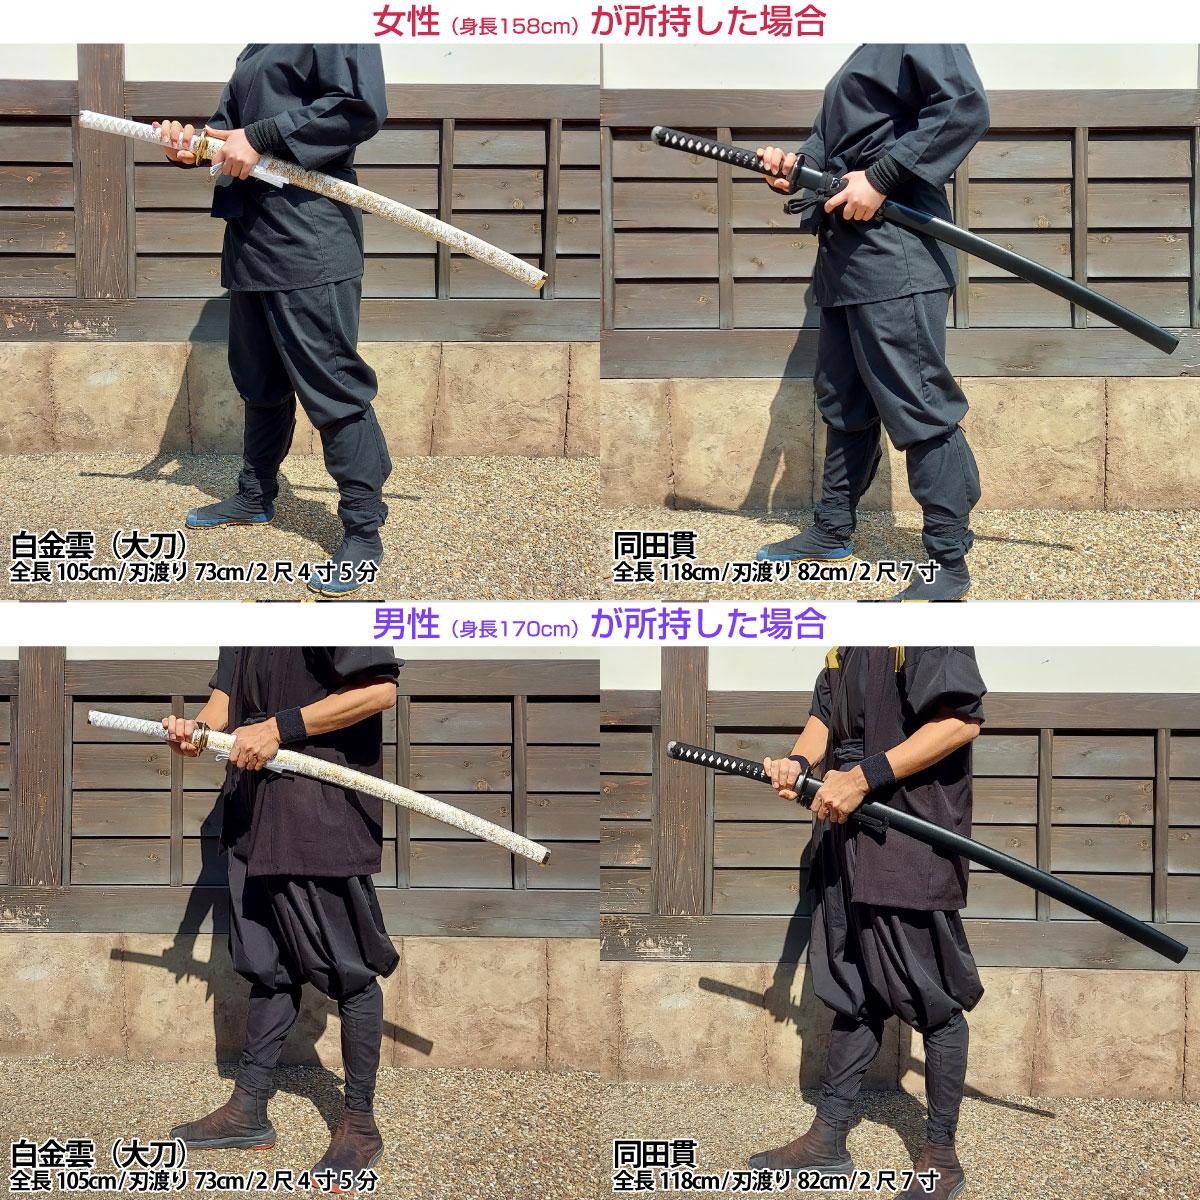 高級居合刀 新選組参謀 伊東甲子太郎拵え(刀袋付き) 【新仕様】 数量限定即納品!